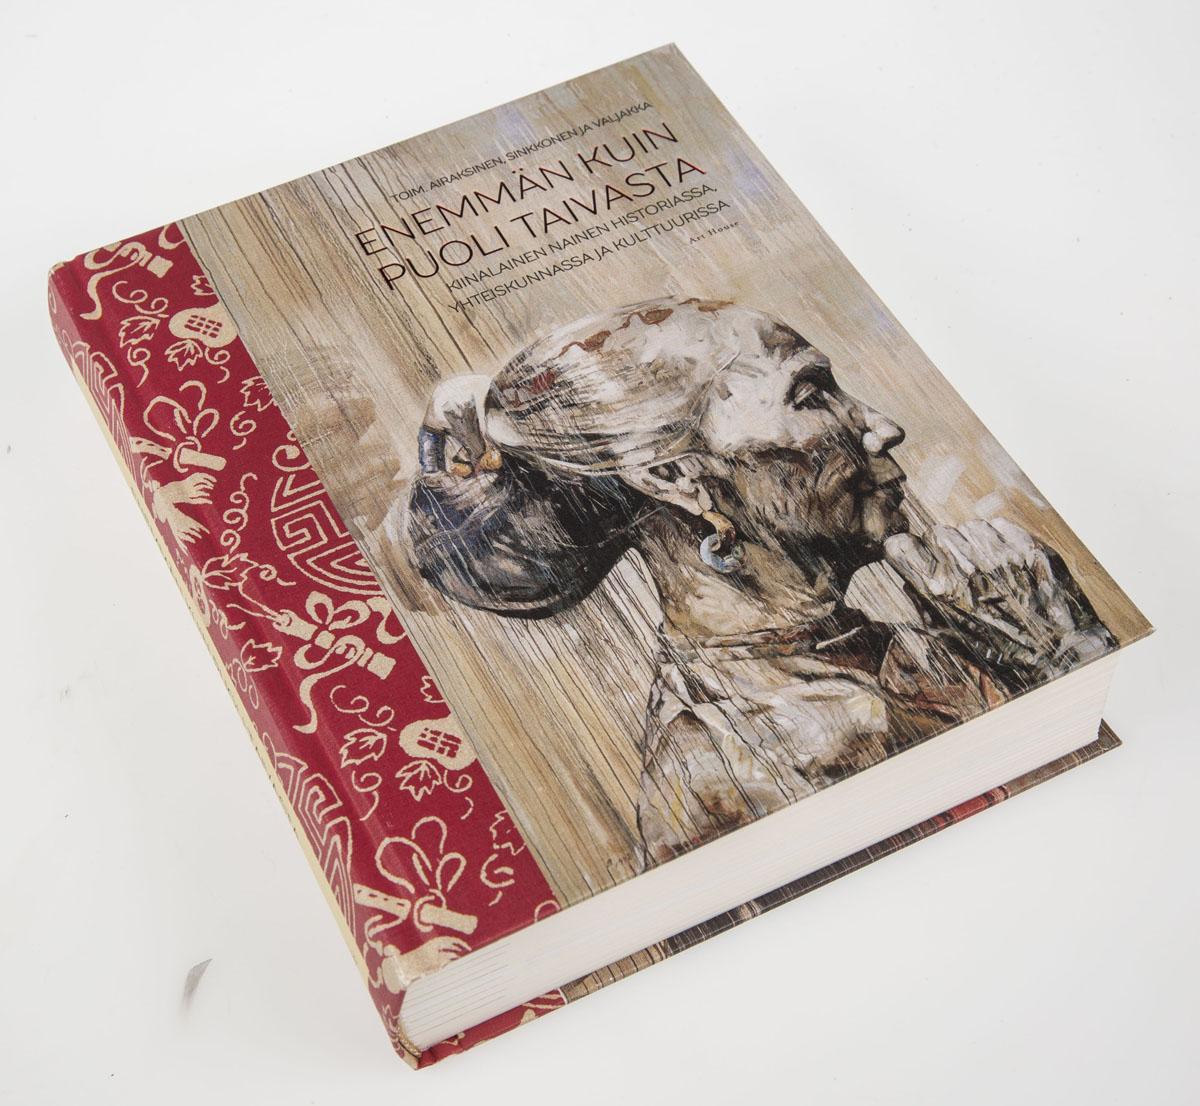 Tiina Airaksinen, Elina Sinkkonen ja Minna Valjakka (toim.): Enemmän kuin puoli taivasta. Kiinalainen nainen historiassa, yhteiskunnassa ja kulttuurissa. Art House 2016, 483 sivua.